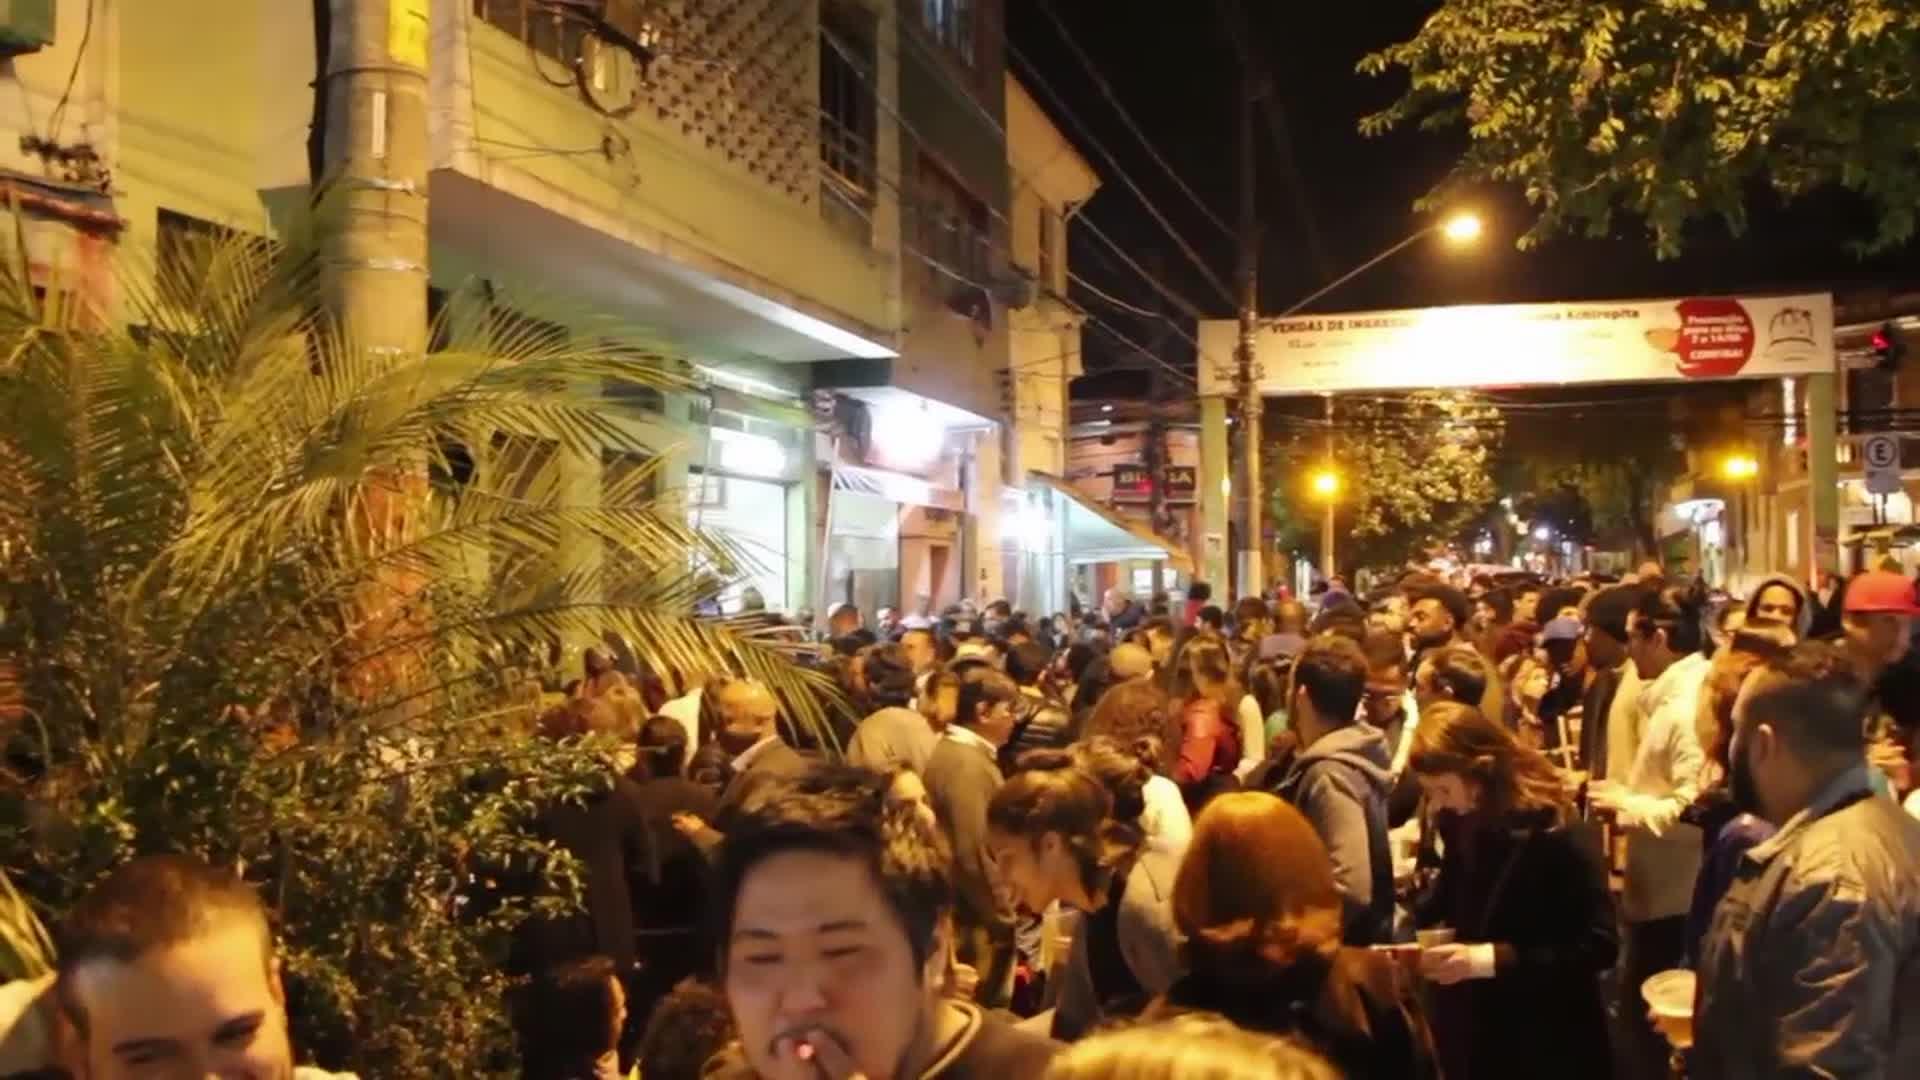 La nuit à Sao Paulo : sur un air de samba - Adeline au Brésil